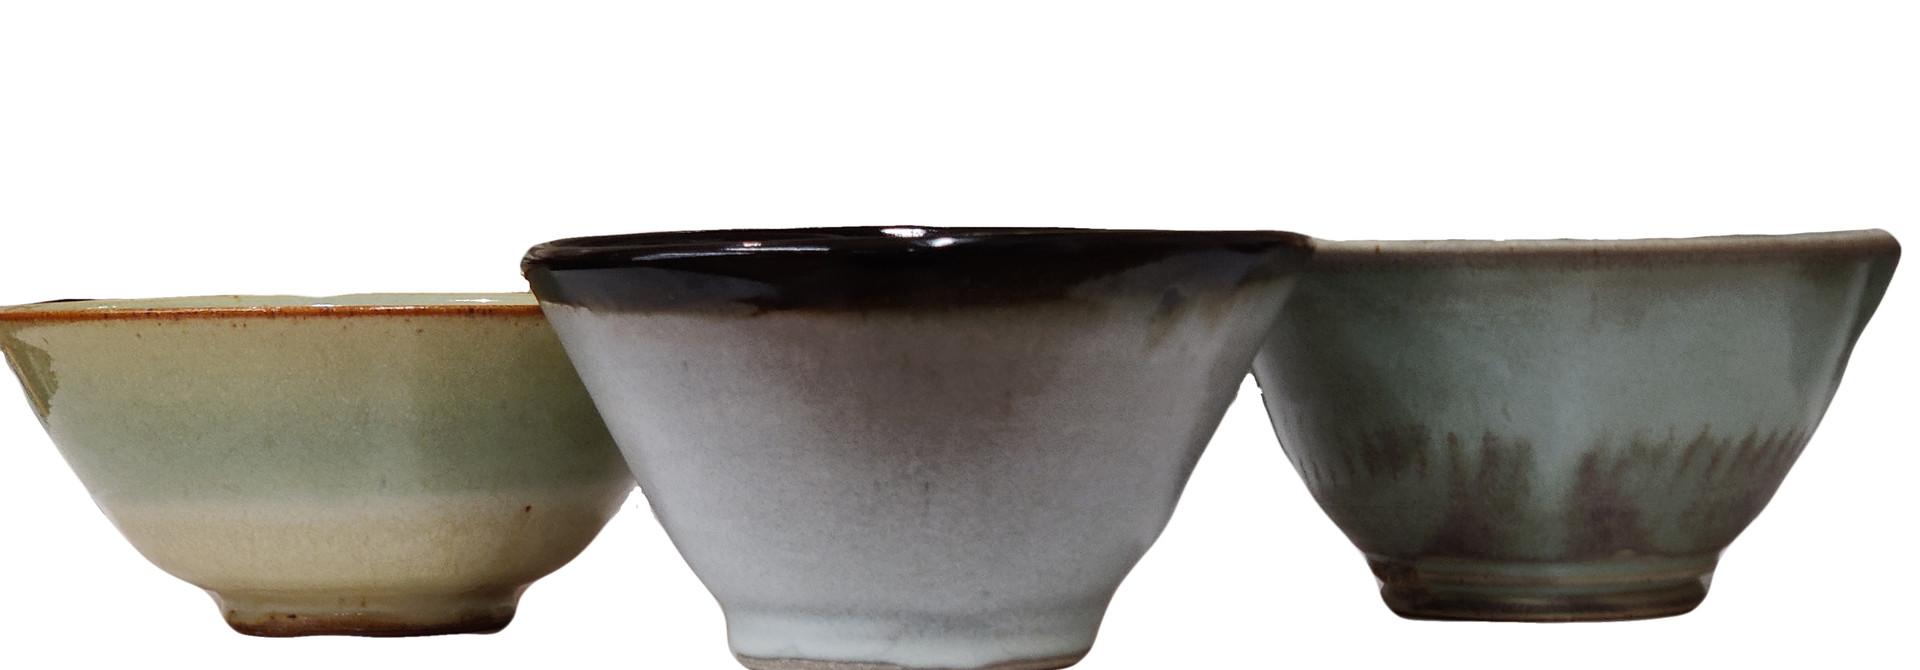 Variety V-Bowl